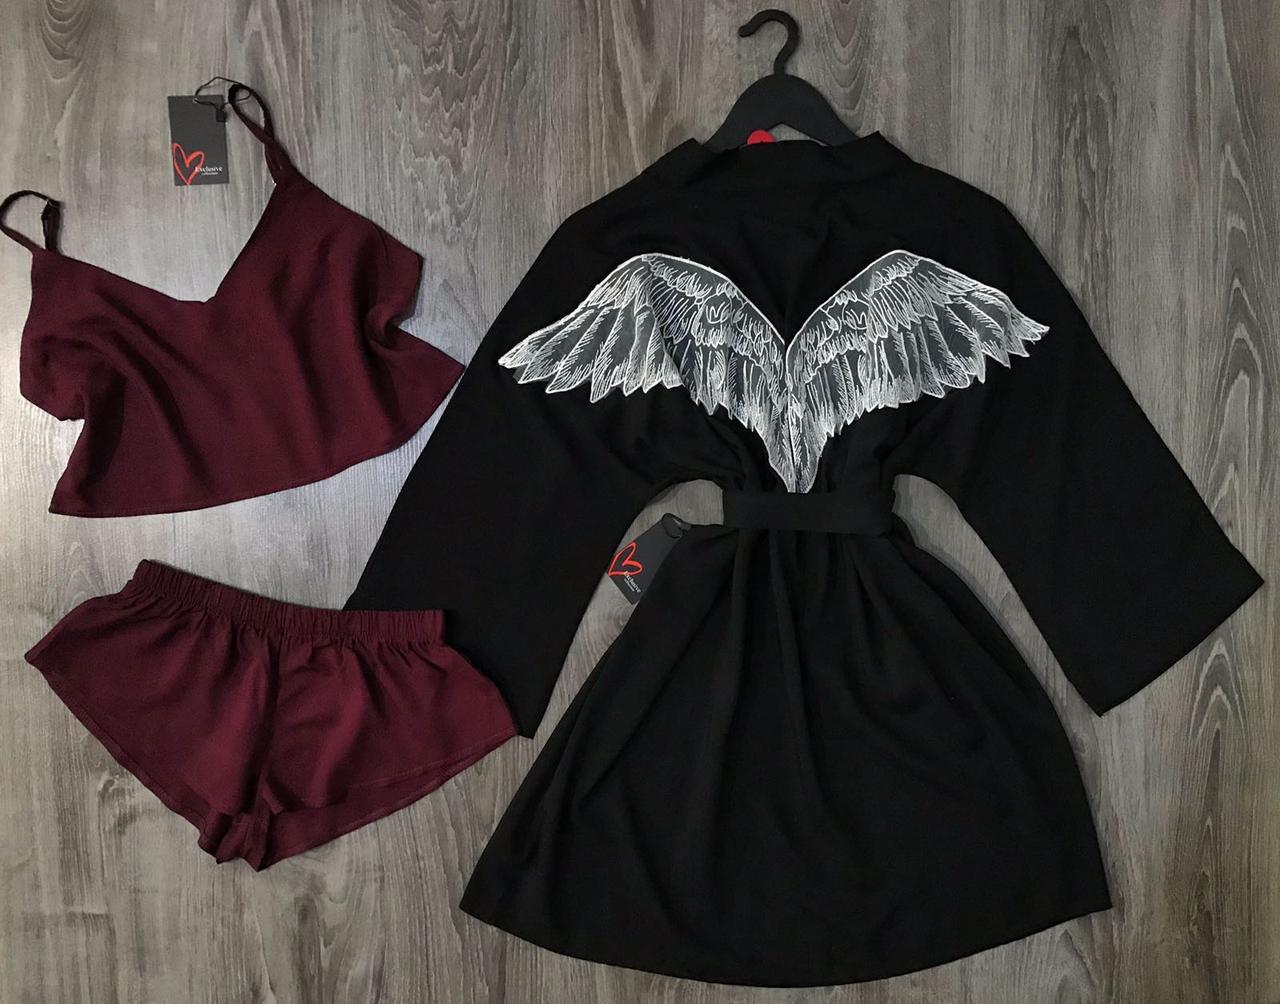 Хлопковый набор халат+топ+шорты-модный комплект.